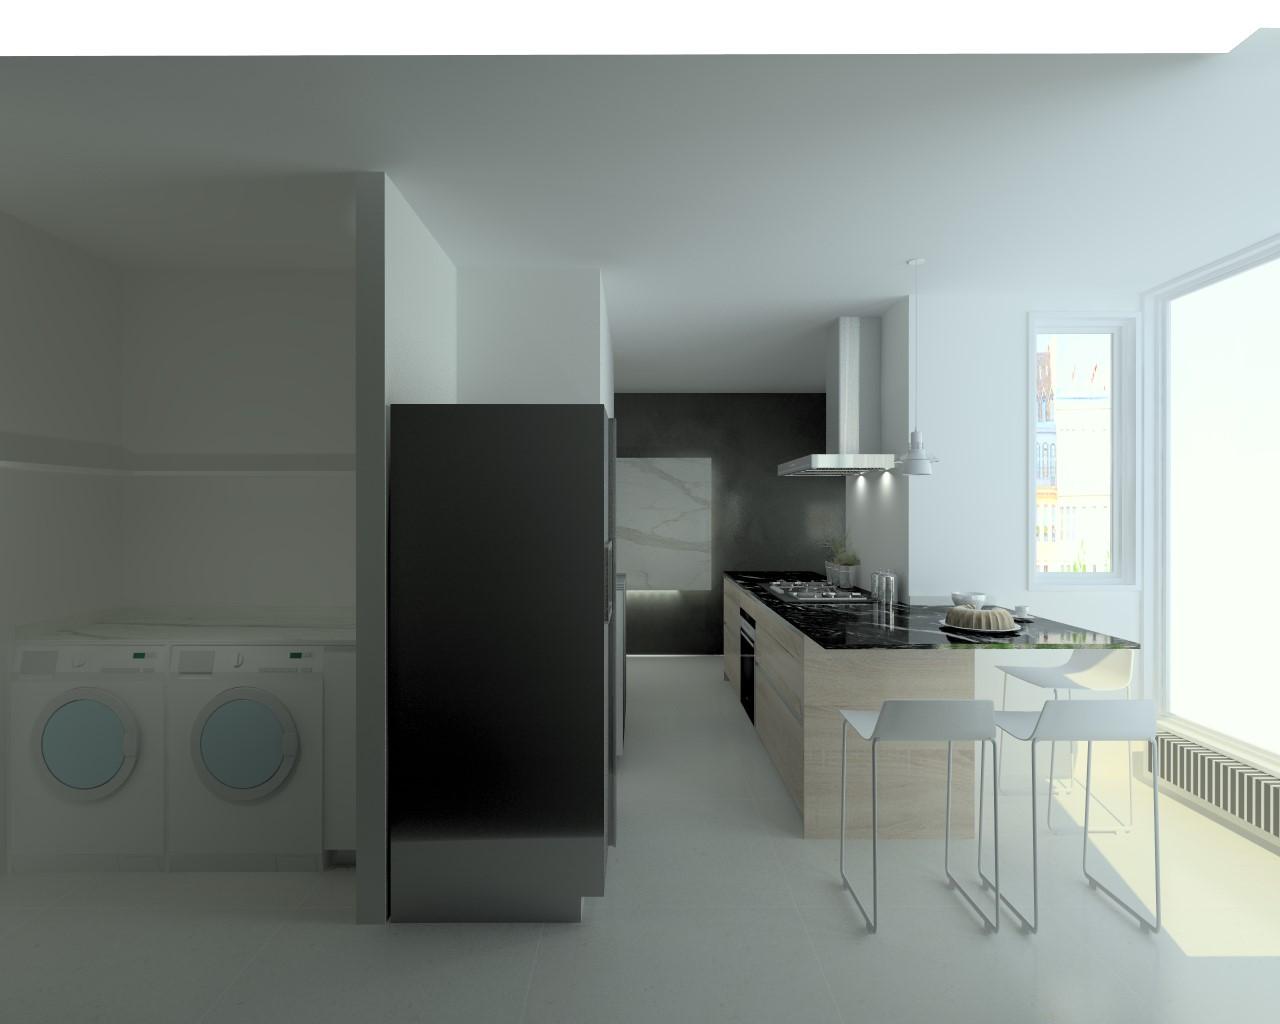 Encimera marmol cocina cocina santos modelo line laminado for Marmol de cocina precio